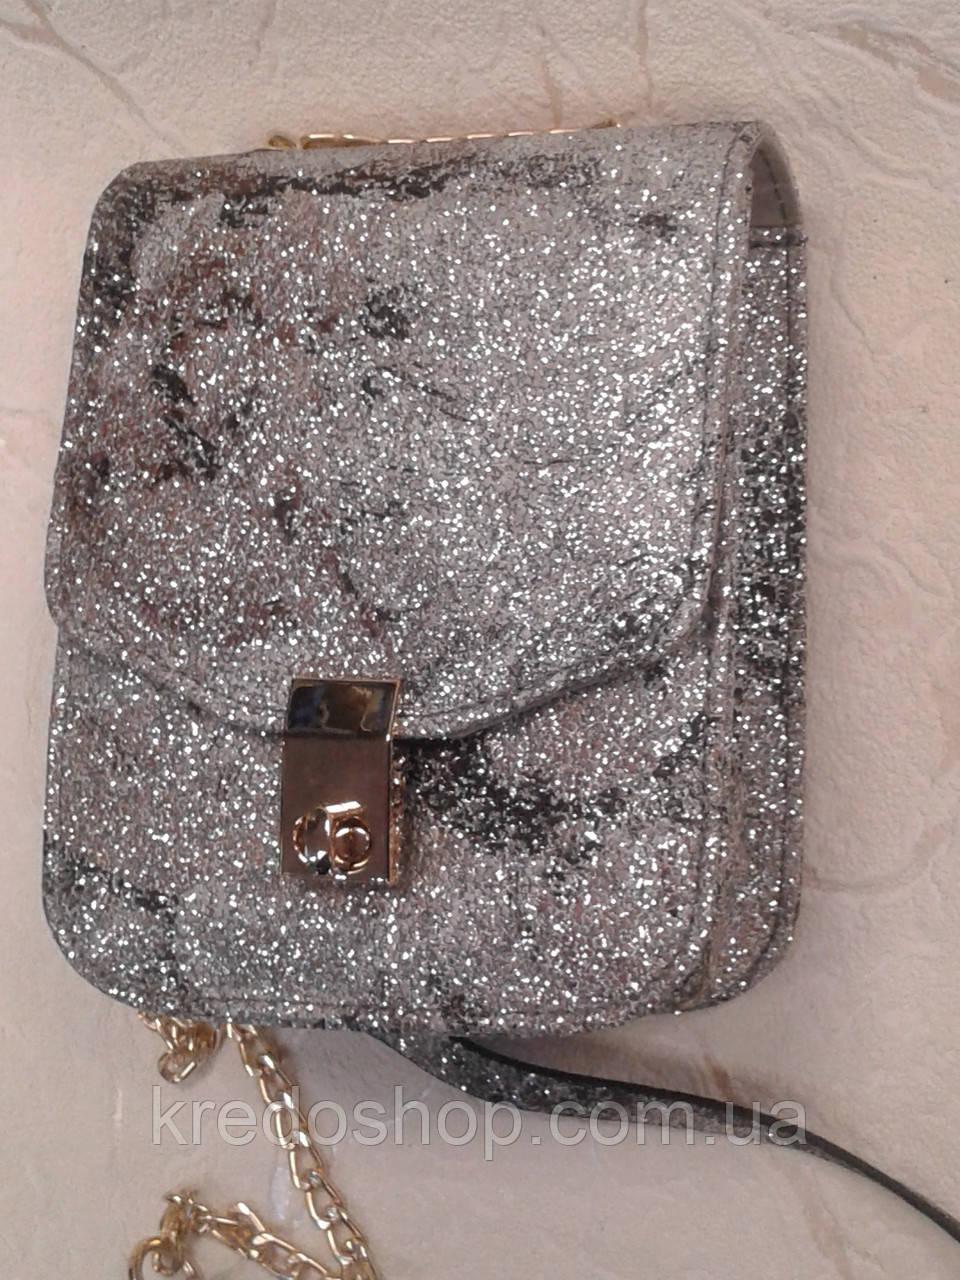 3080ade67476 Сумка кросс боди молодежная стильная серебристого цвета (Турция) -  Интернет-магазин сумок и